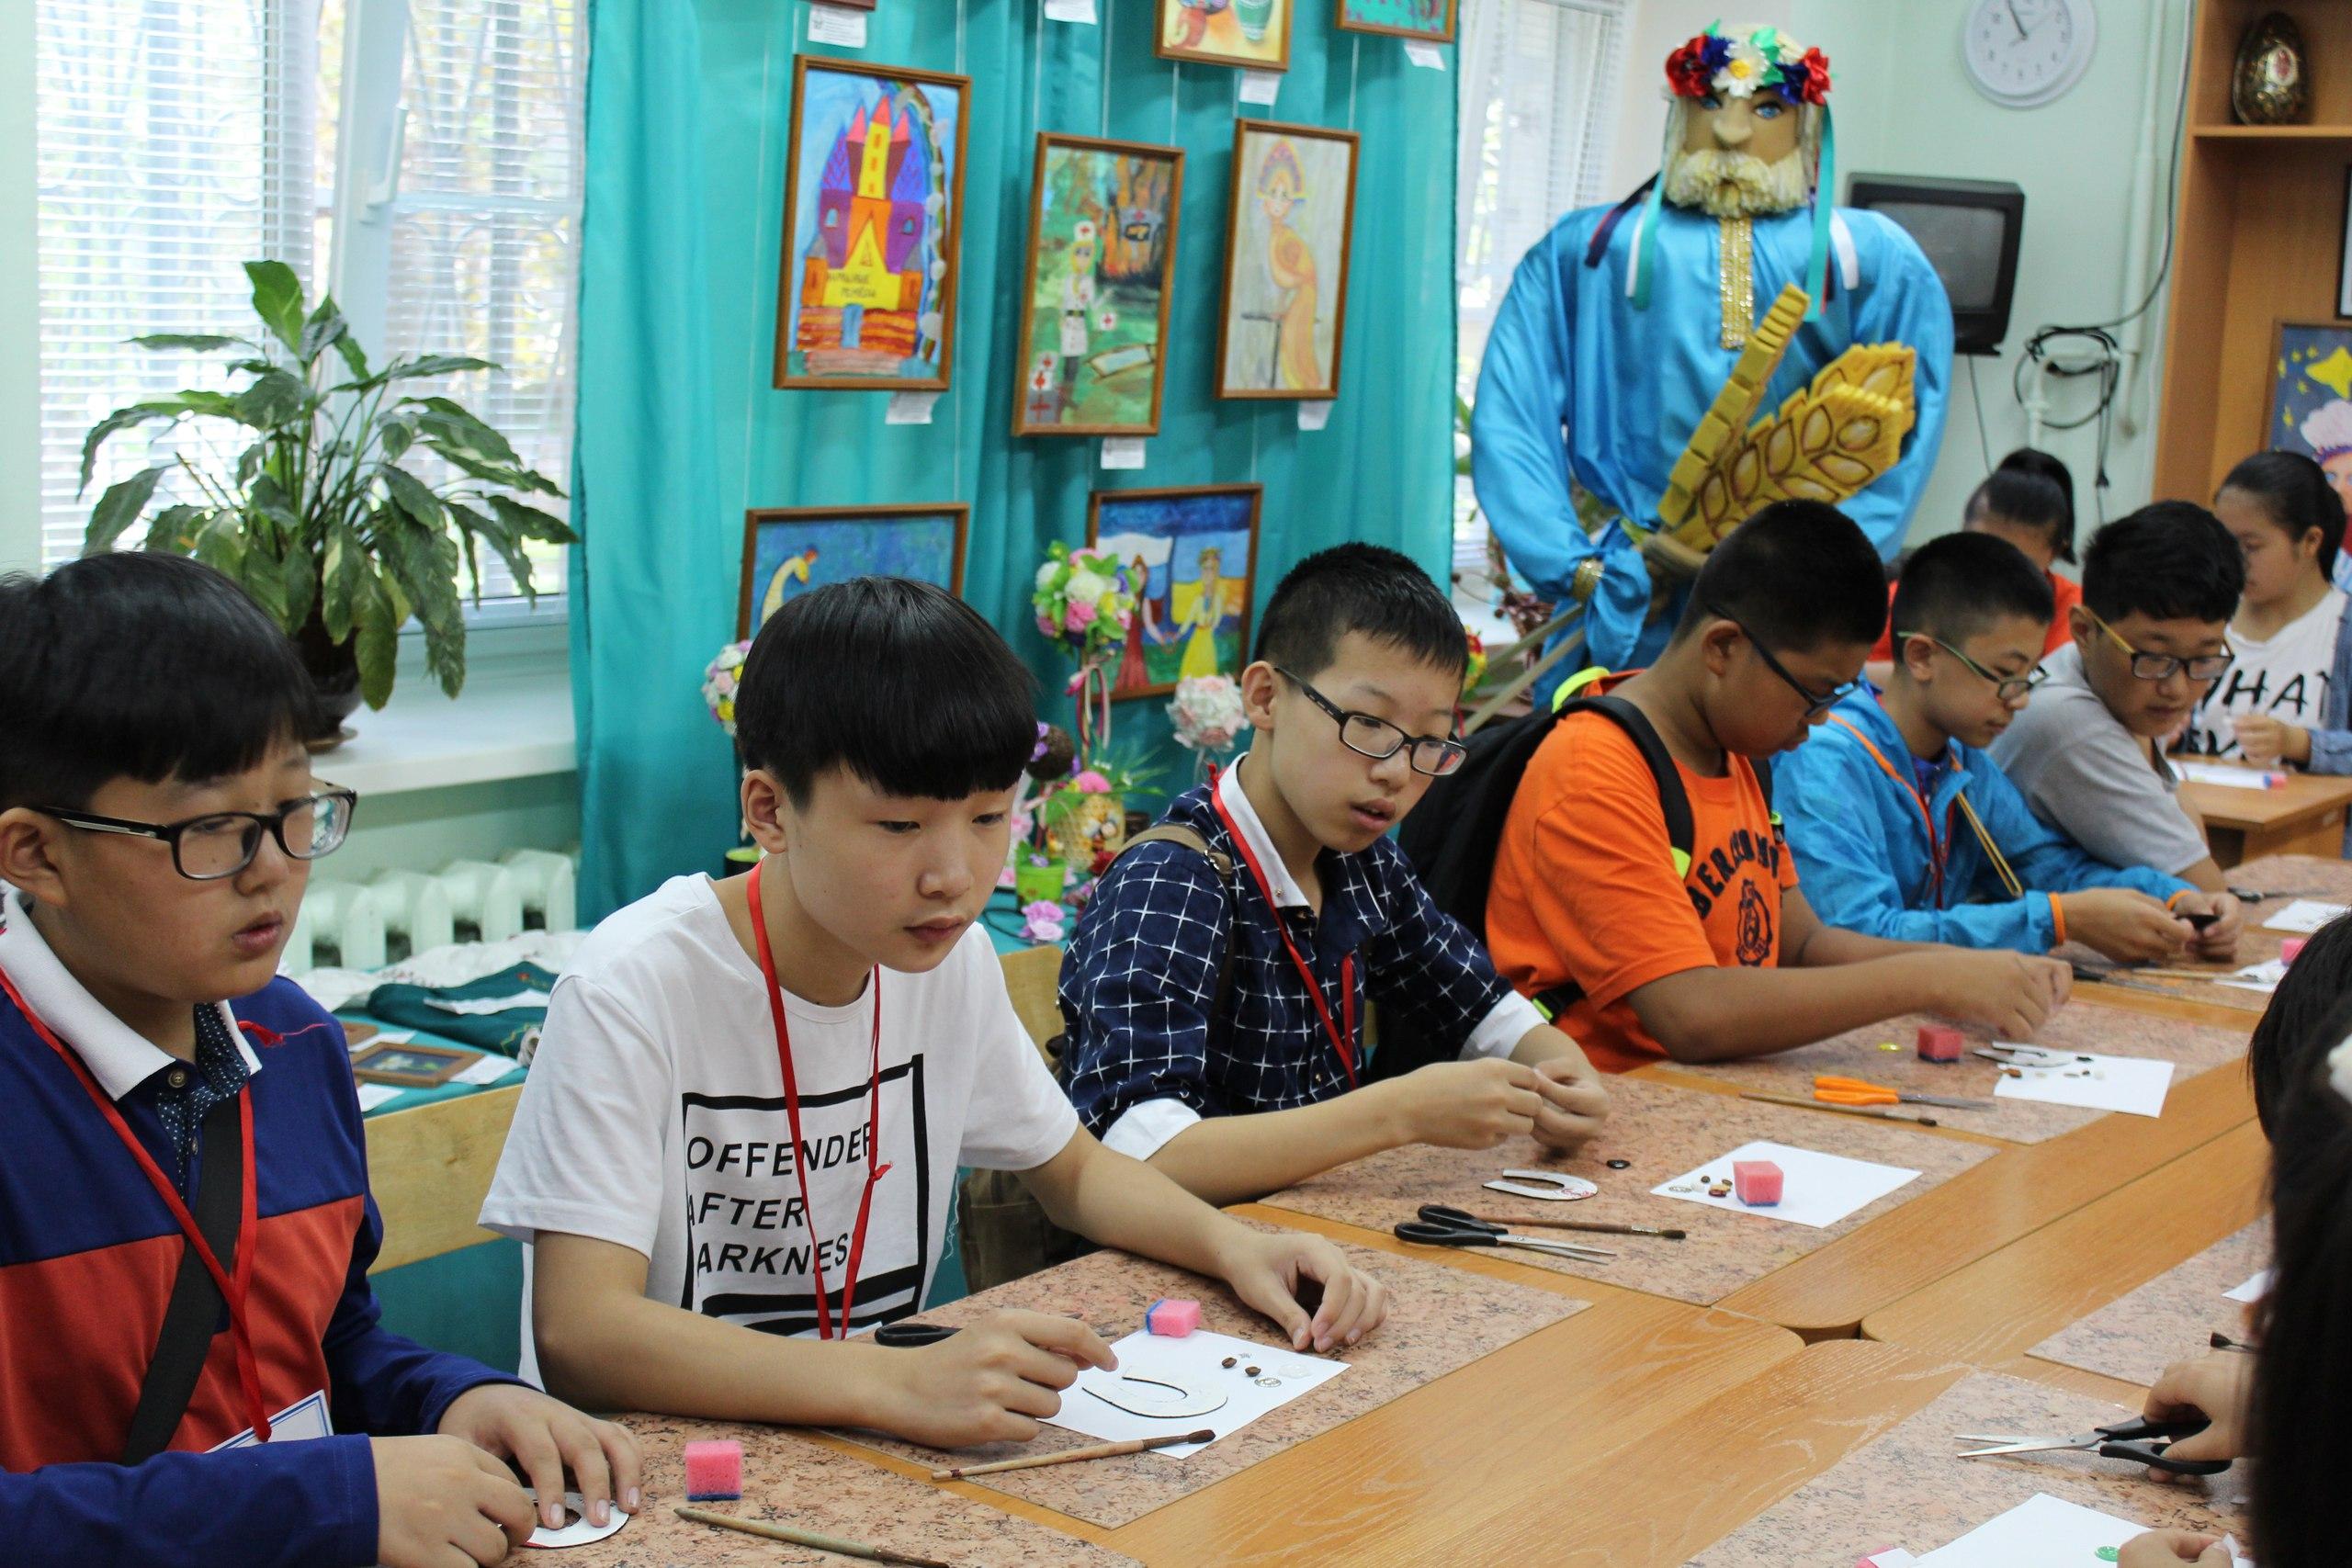 Культурный обмен: как встречают зарубежных школьников в Хабаровске